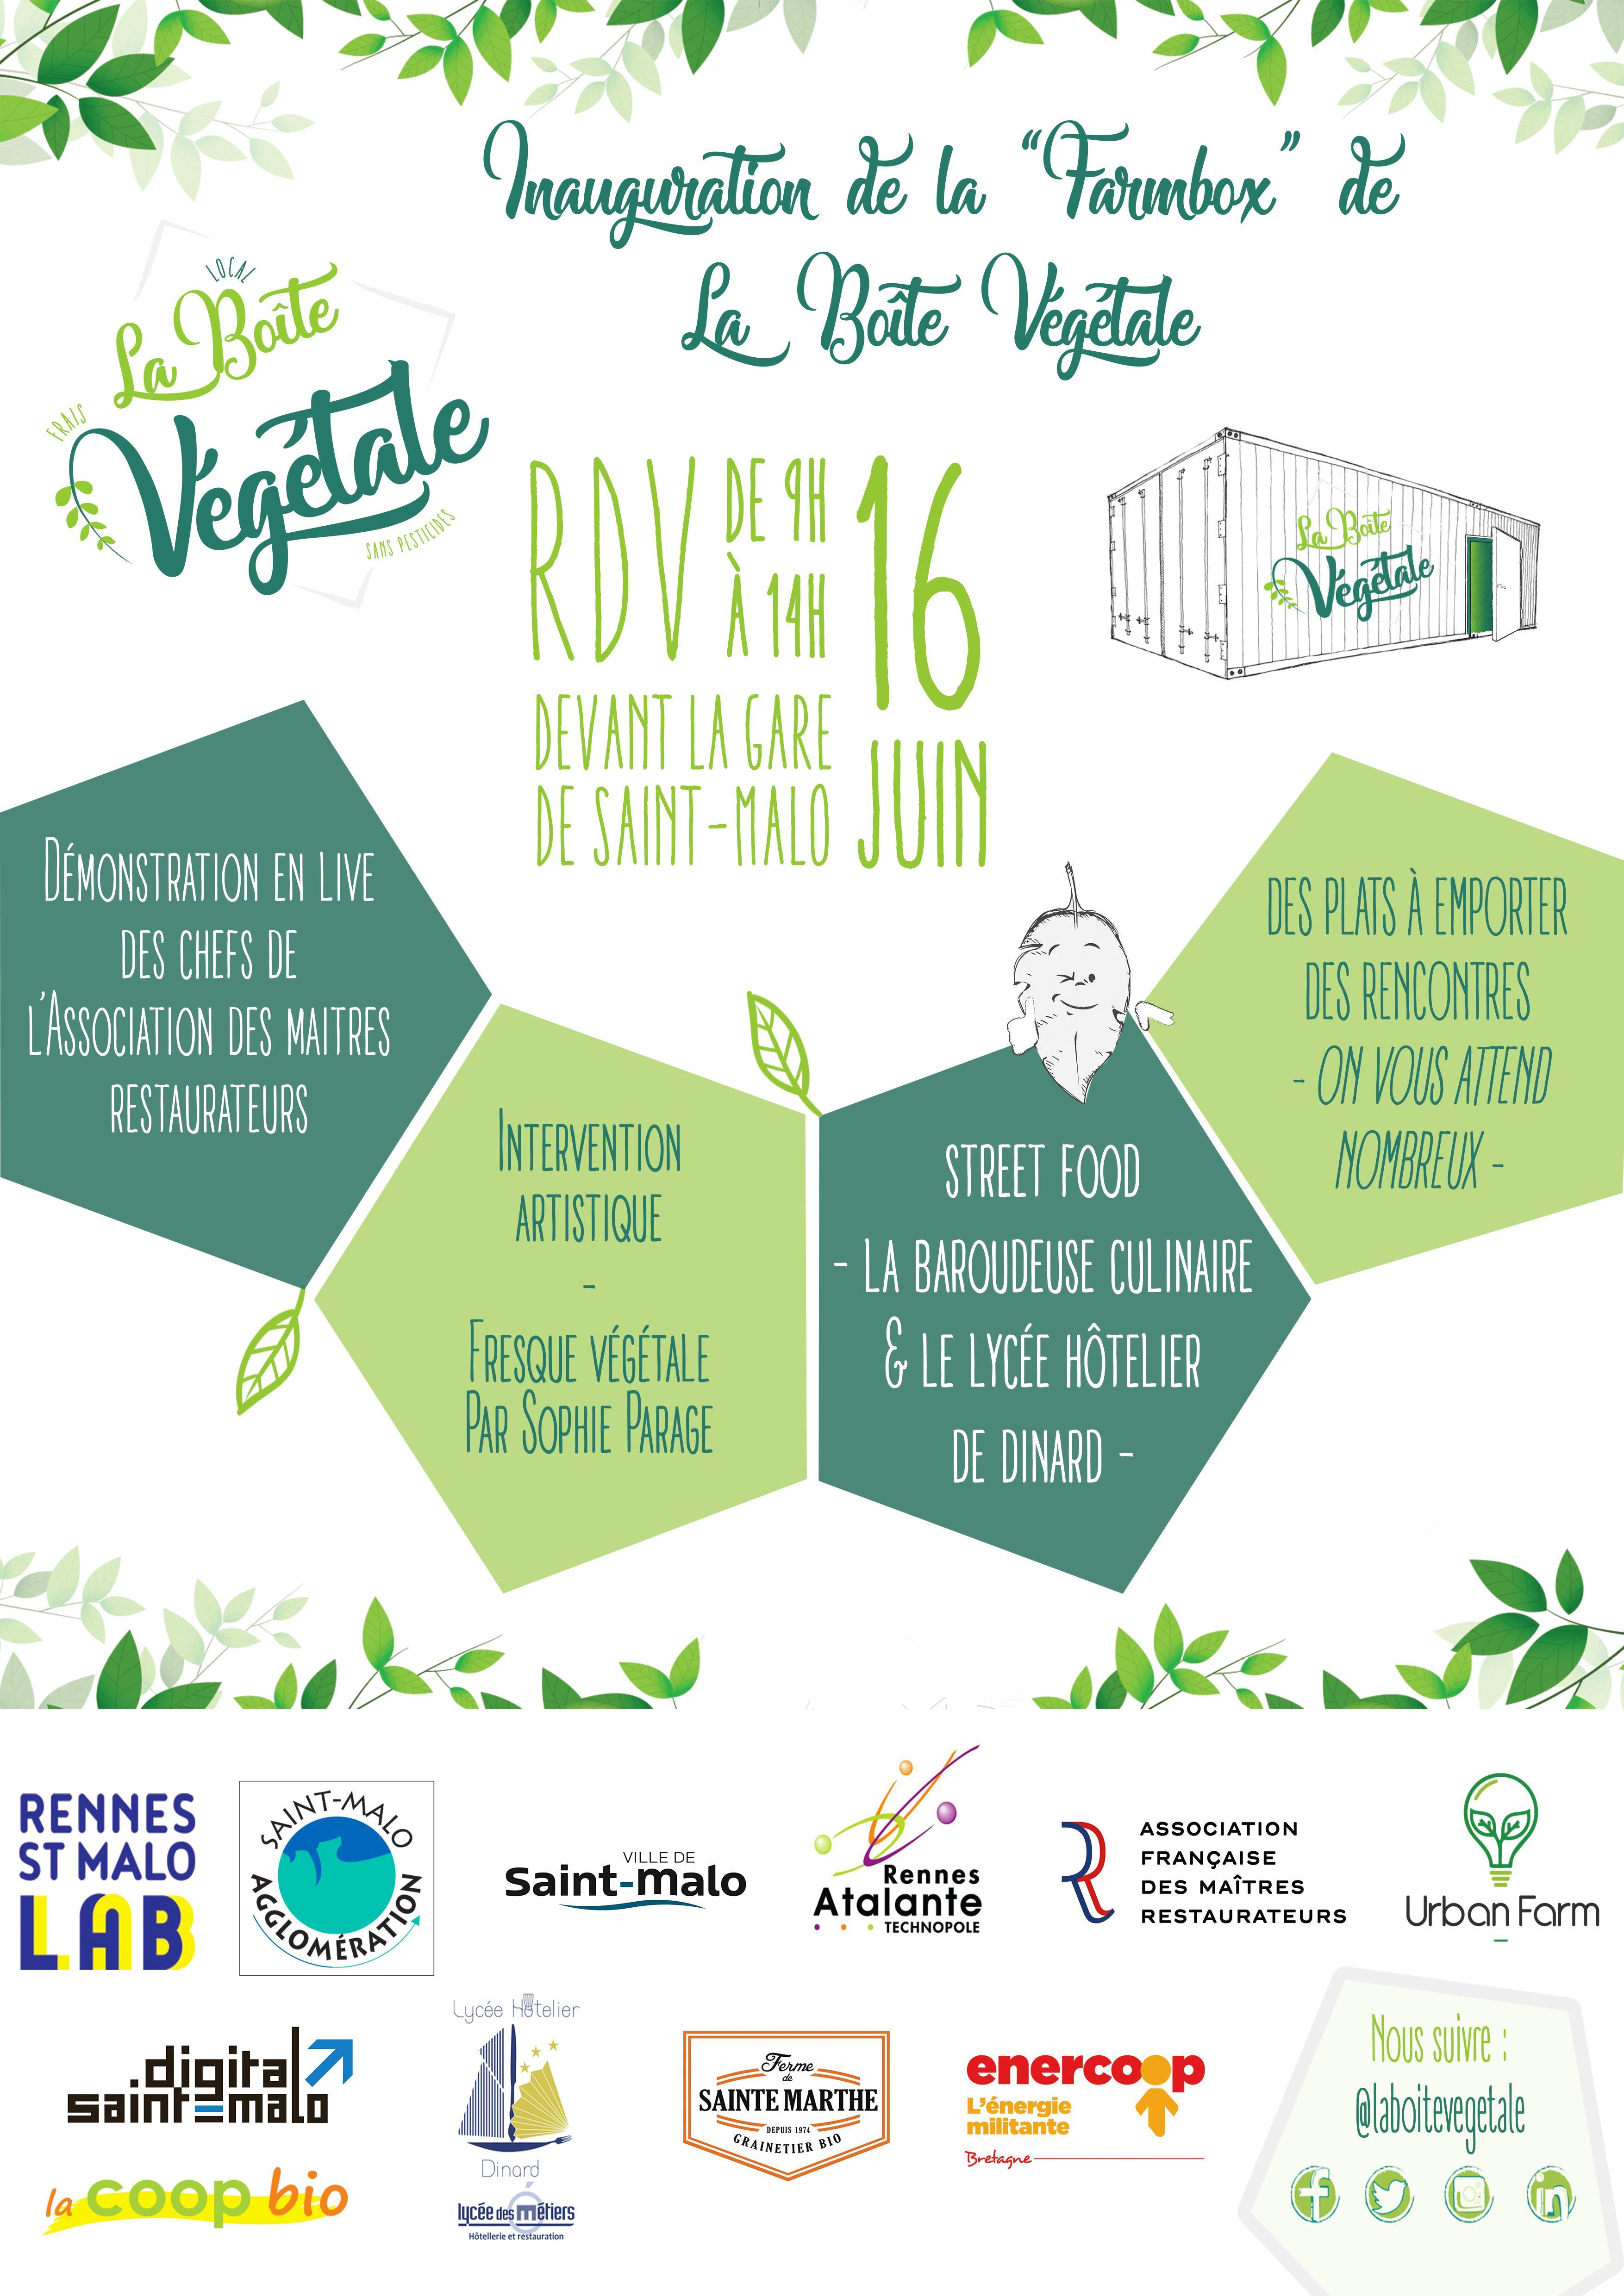 849dc44a 06c0 4087 90bc 3dac21dd525e original - Les fermes urbaines de La Boîte Végétale